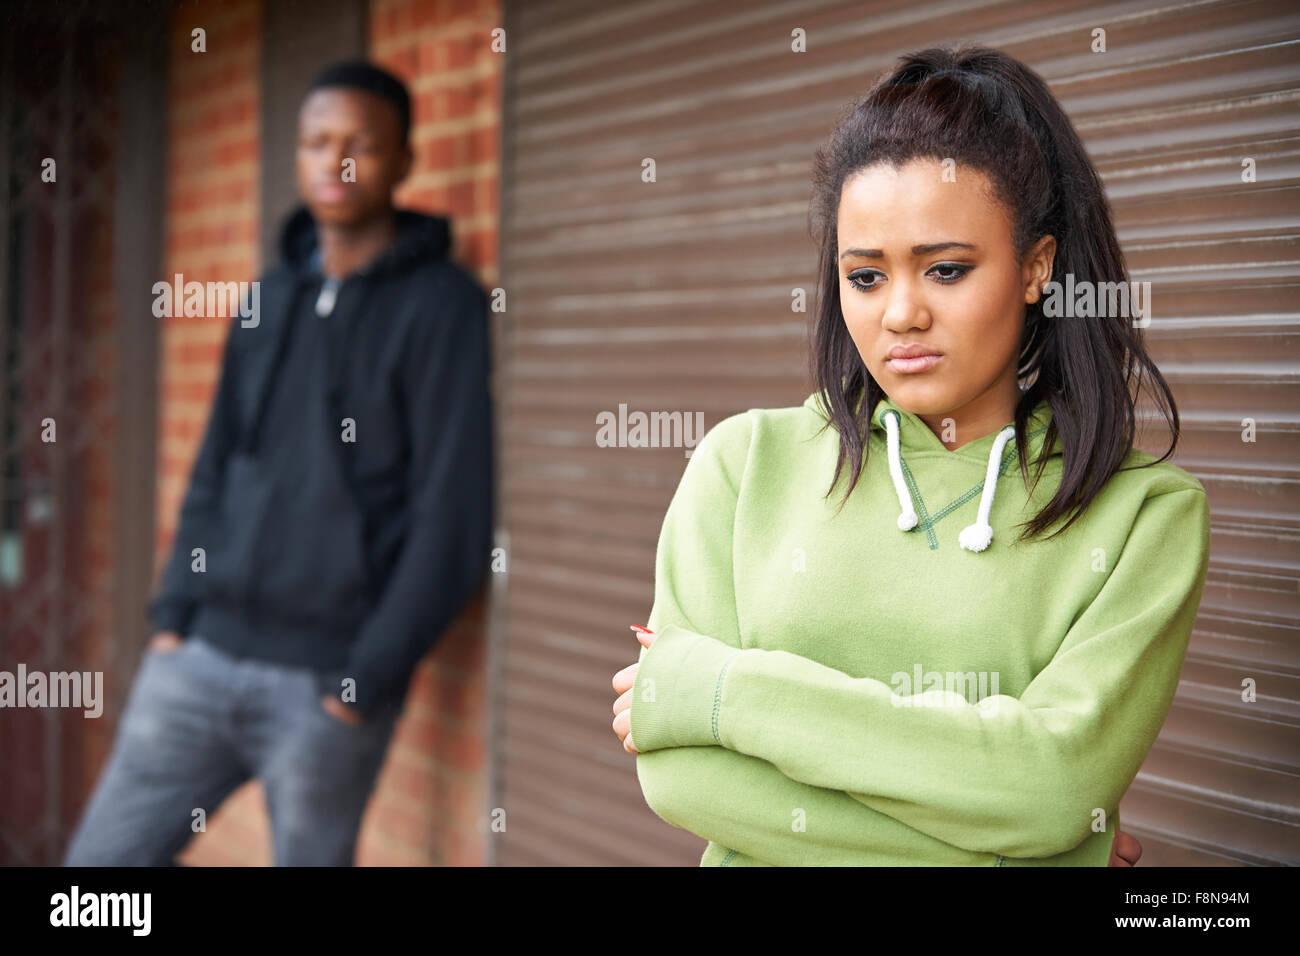 Porträt der unglückliche Teenager-Paar im städtischen Umfeld Stockbild